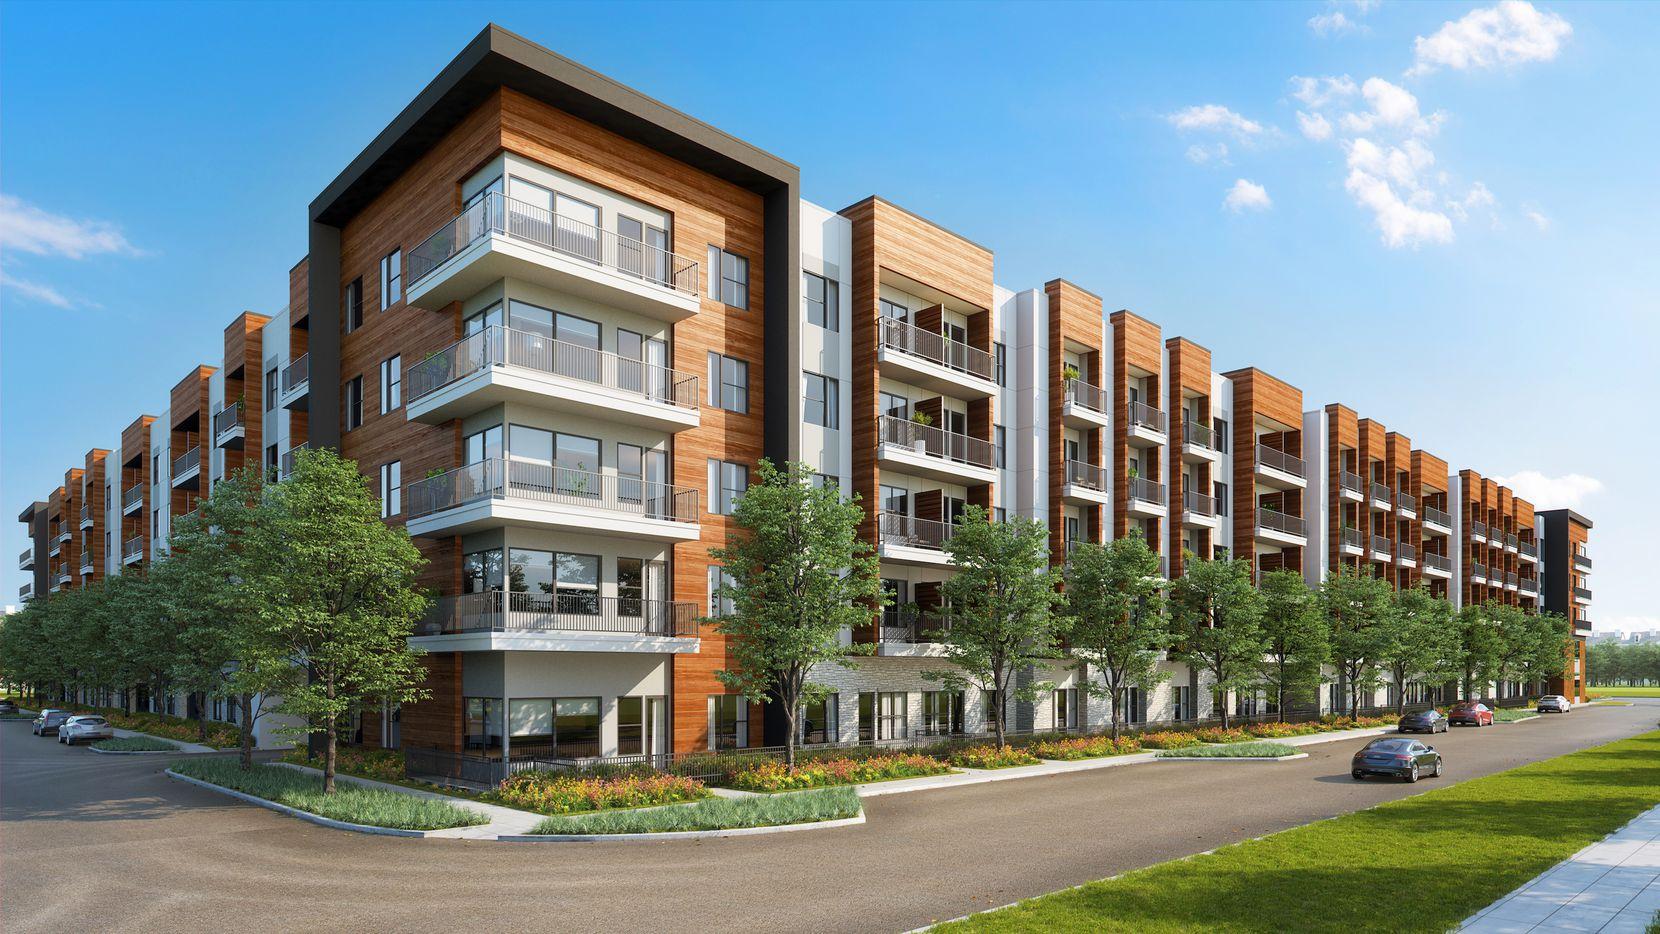 The Jefferson Innova apartments will open in 2021 in Las Colinas.